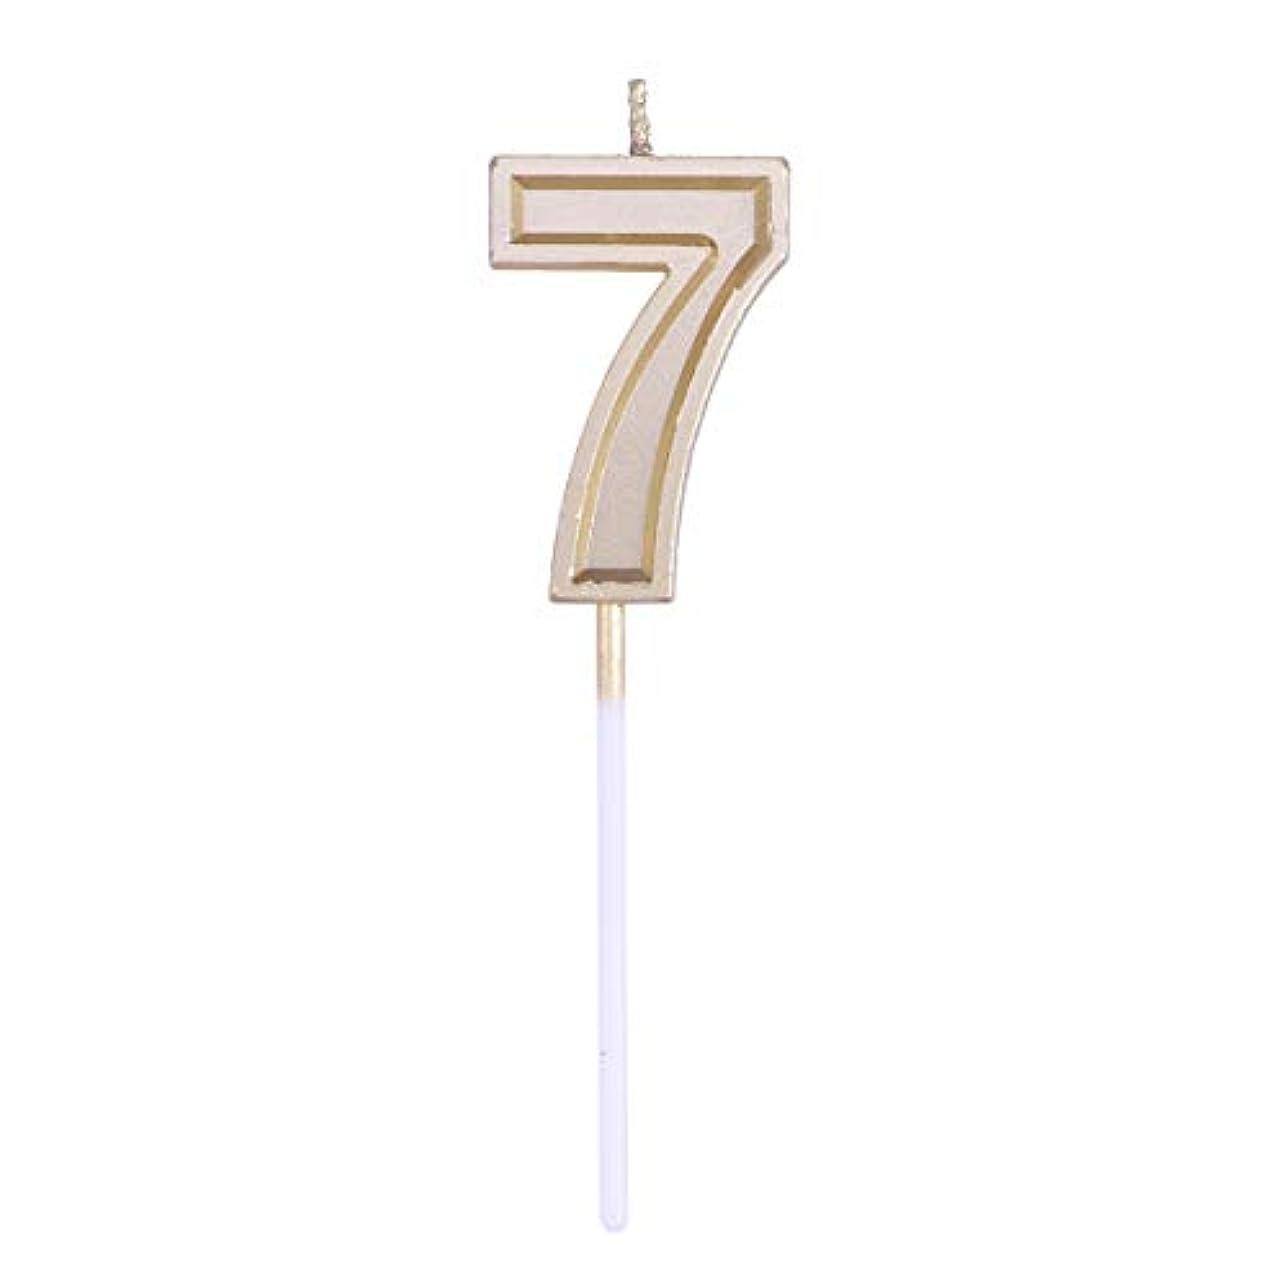 トイレ暖炉開発Toyvian ゴールドラメ誕生日おめでとう数字キャンドル番号キャンドルケーキトッパー装飾用大人キッズパーティー(番号7)